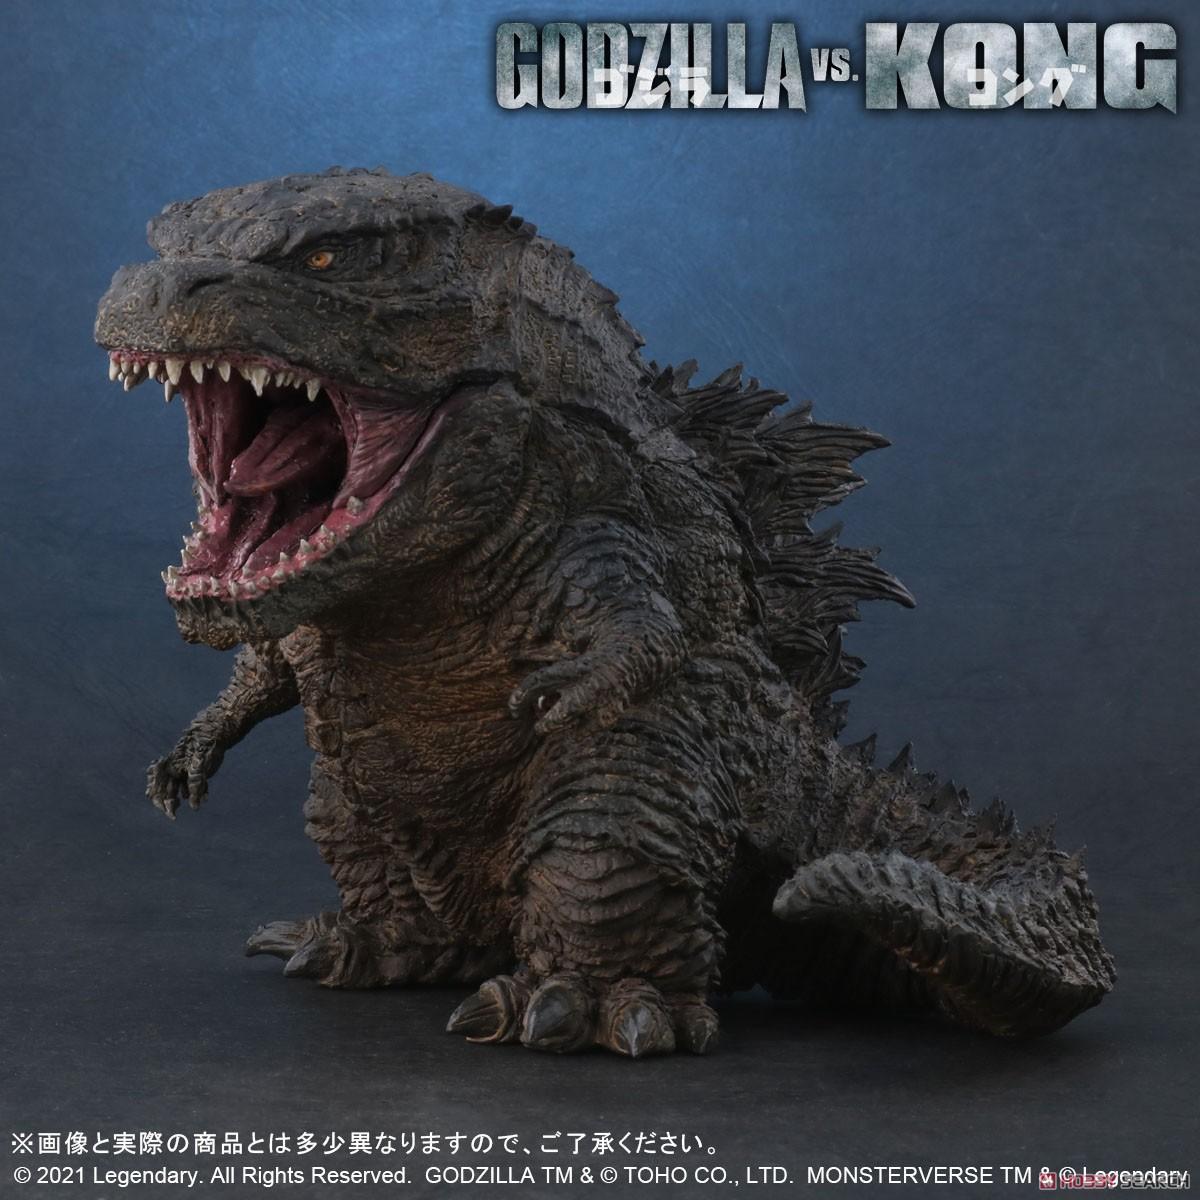 デフォリアル『GODZILLA FROM GODZILLA VS. KONG(2021)』ゴジラvsコング デフォルメ完成品フィギュア-001